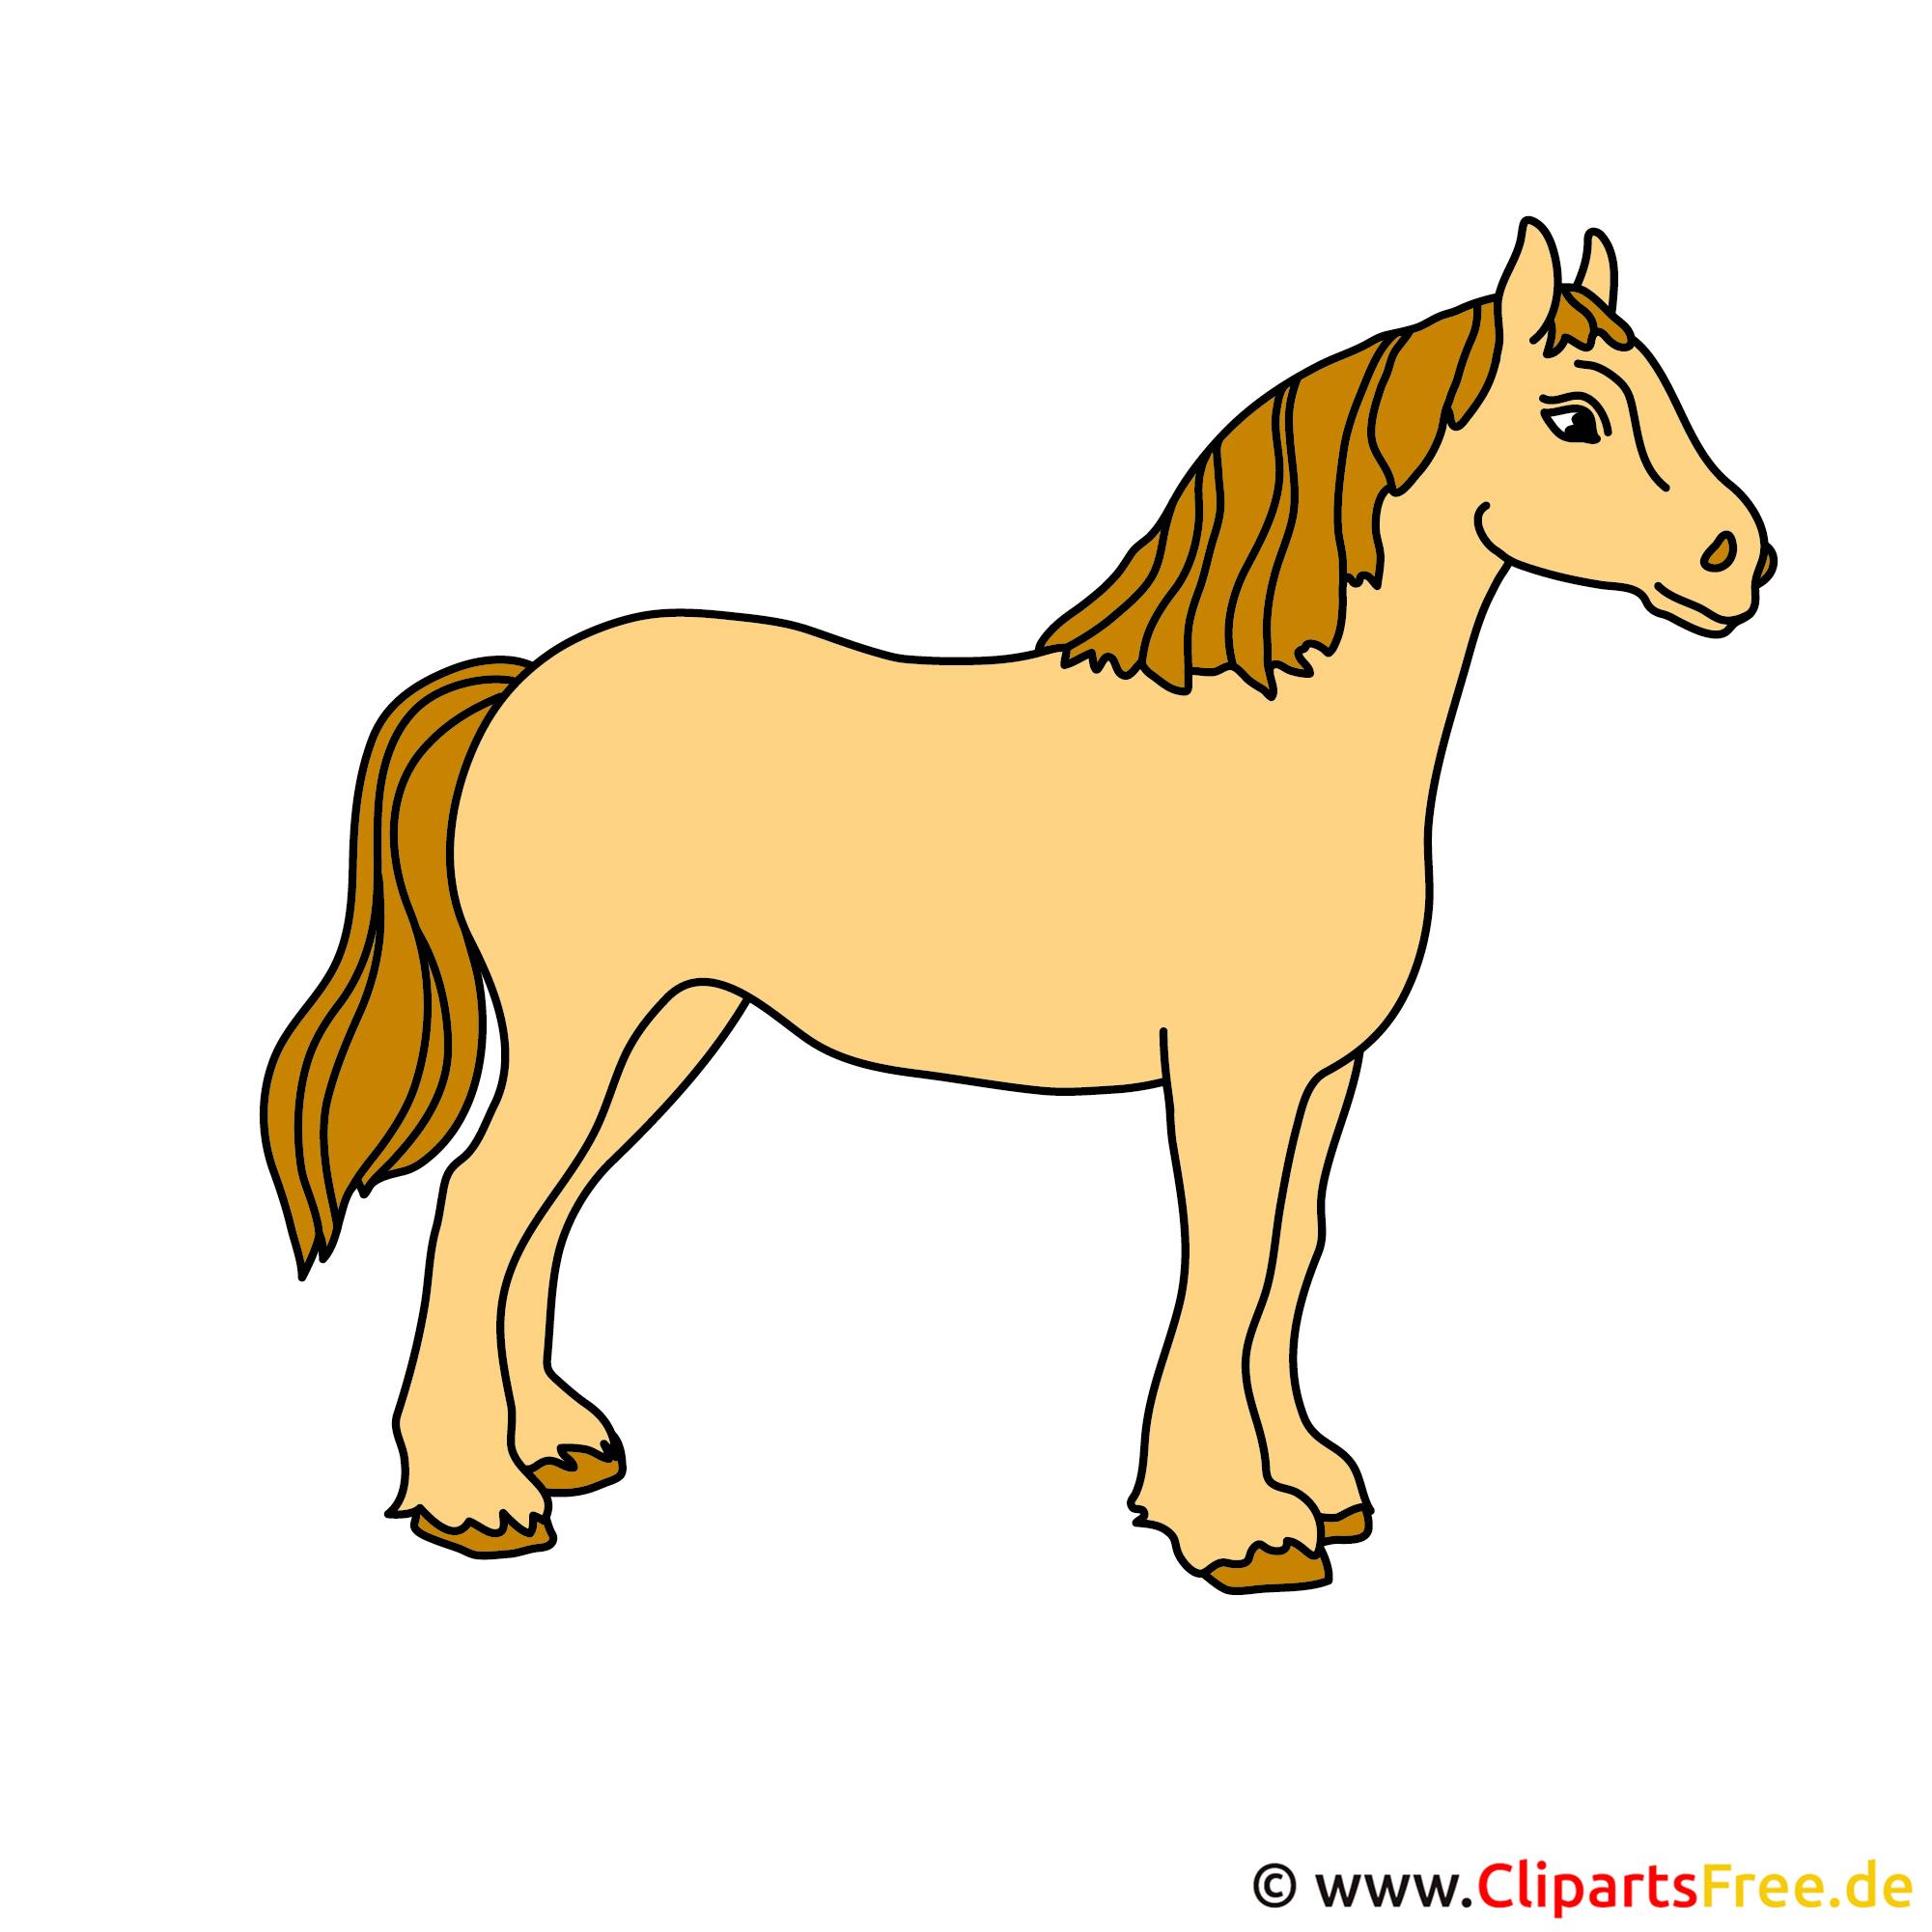 reittier bild cliparts free cartoon horse pictures clip art cartoon horse clip art free